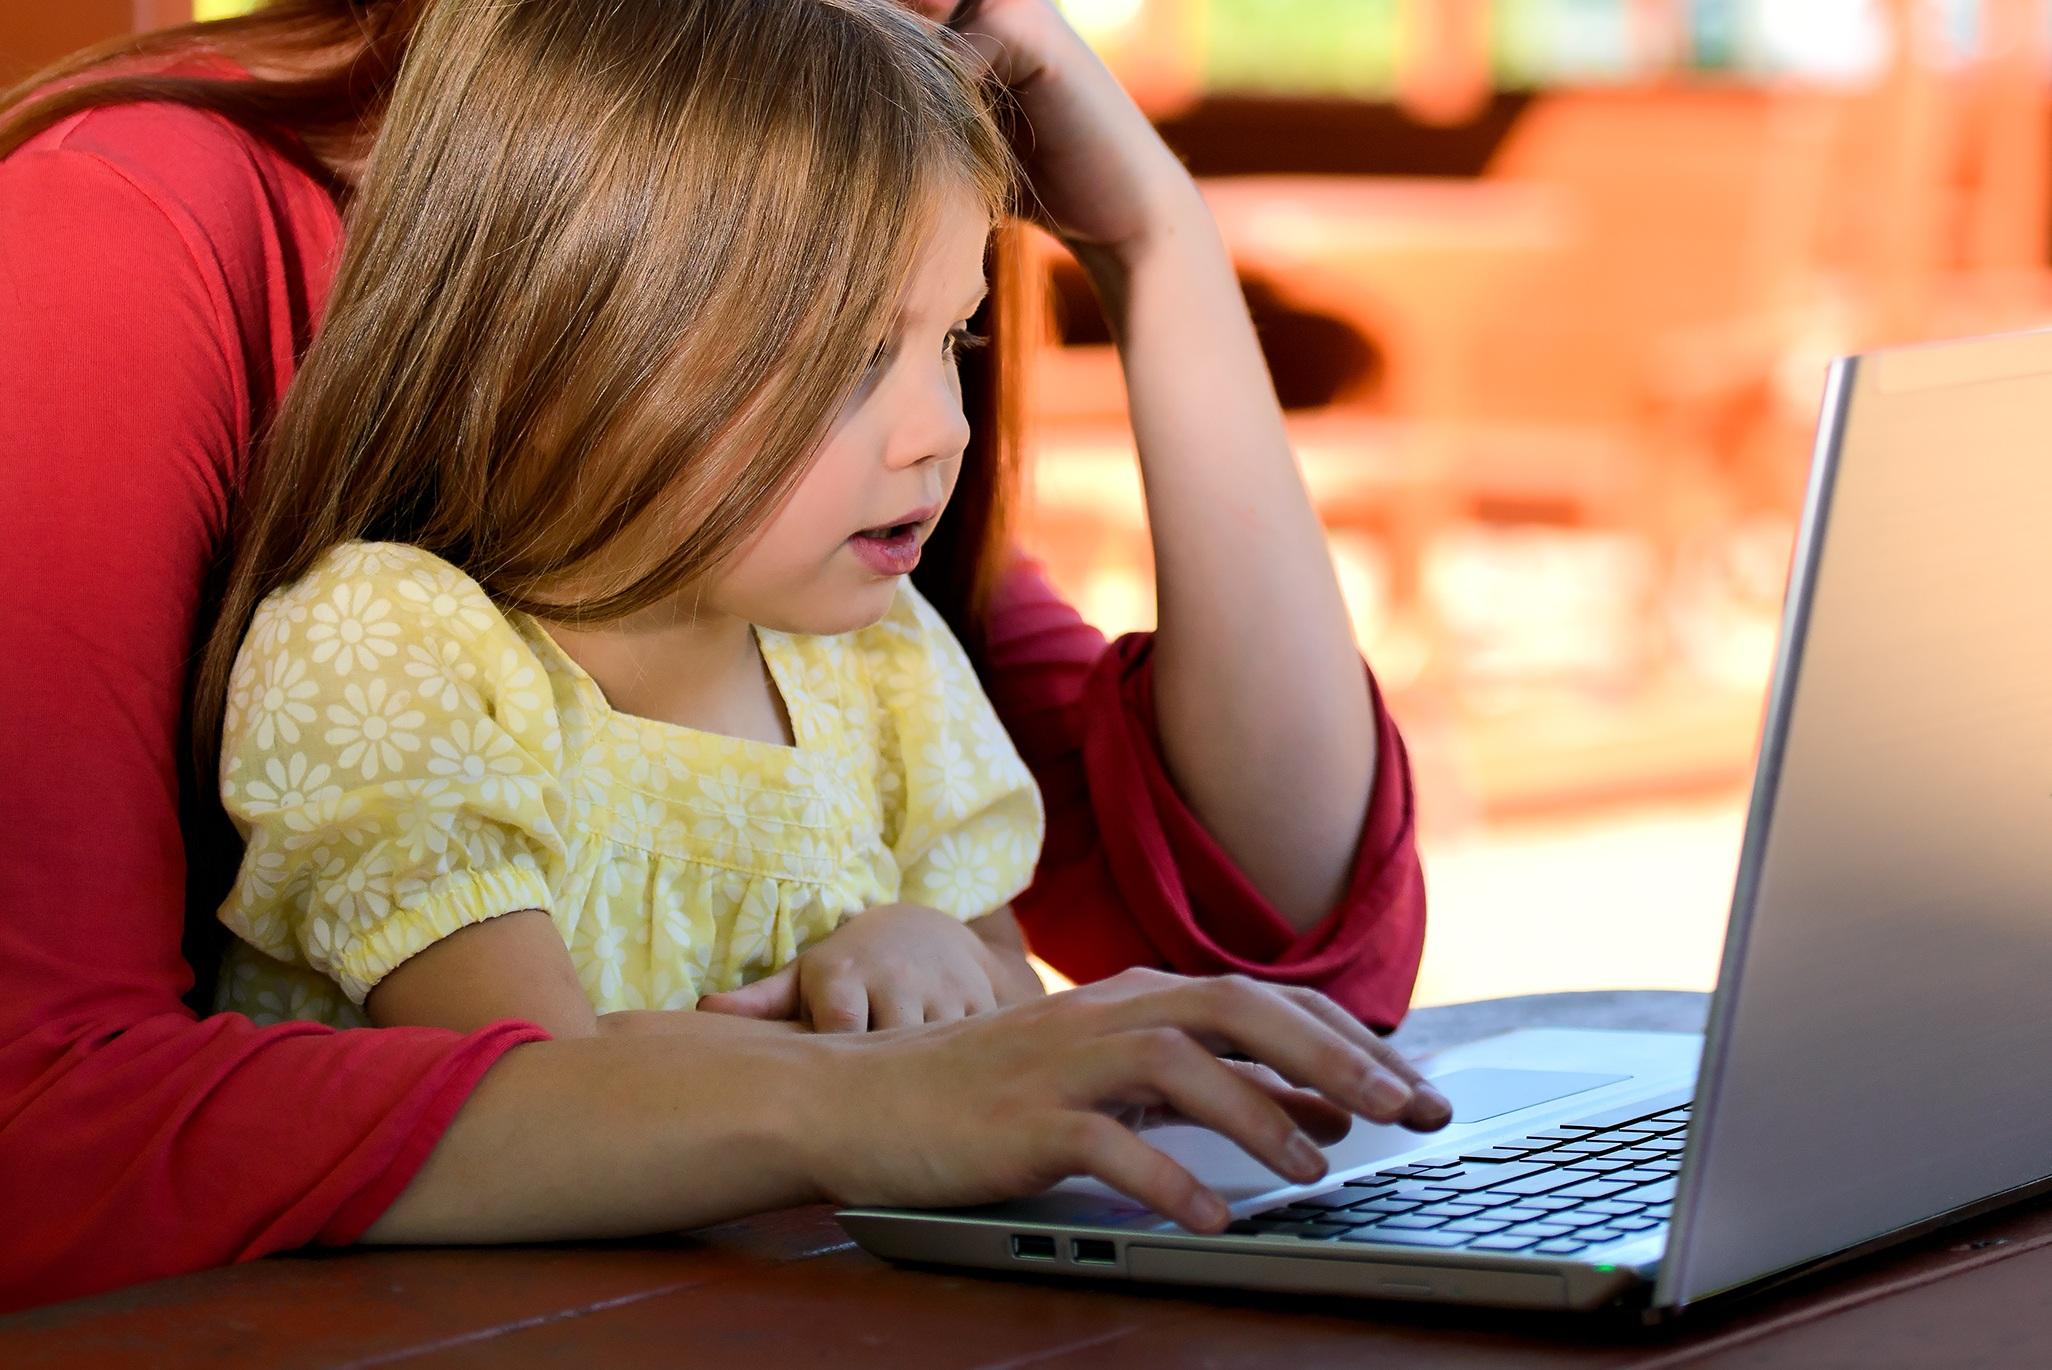 Barn kan ha masse nytte av nettet, men les dette for å være klar over farene der ute.